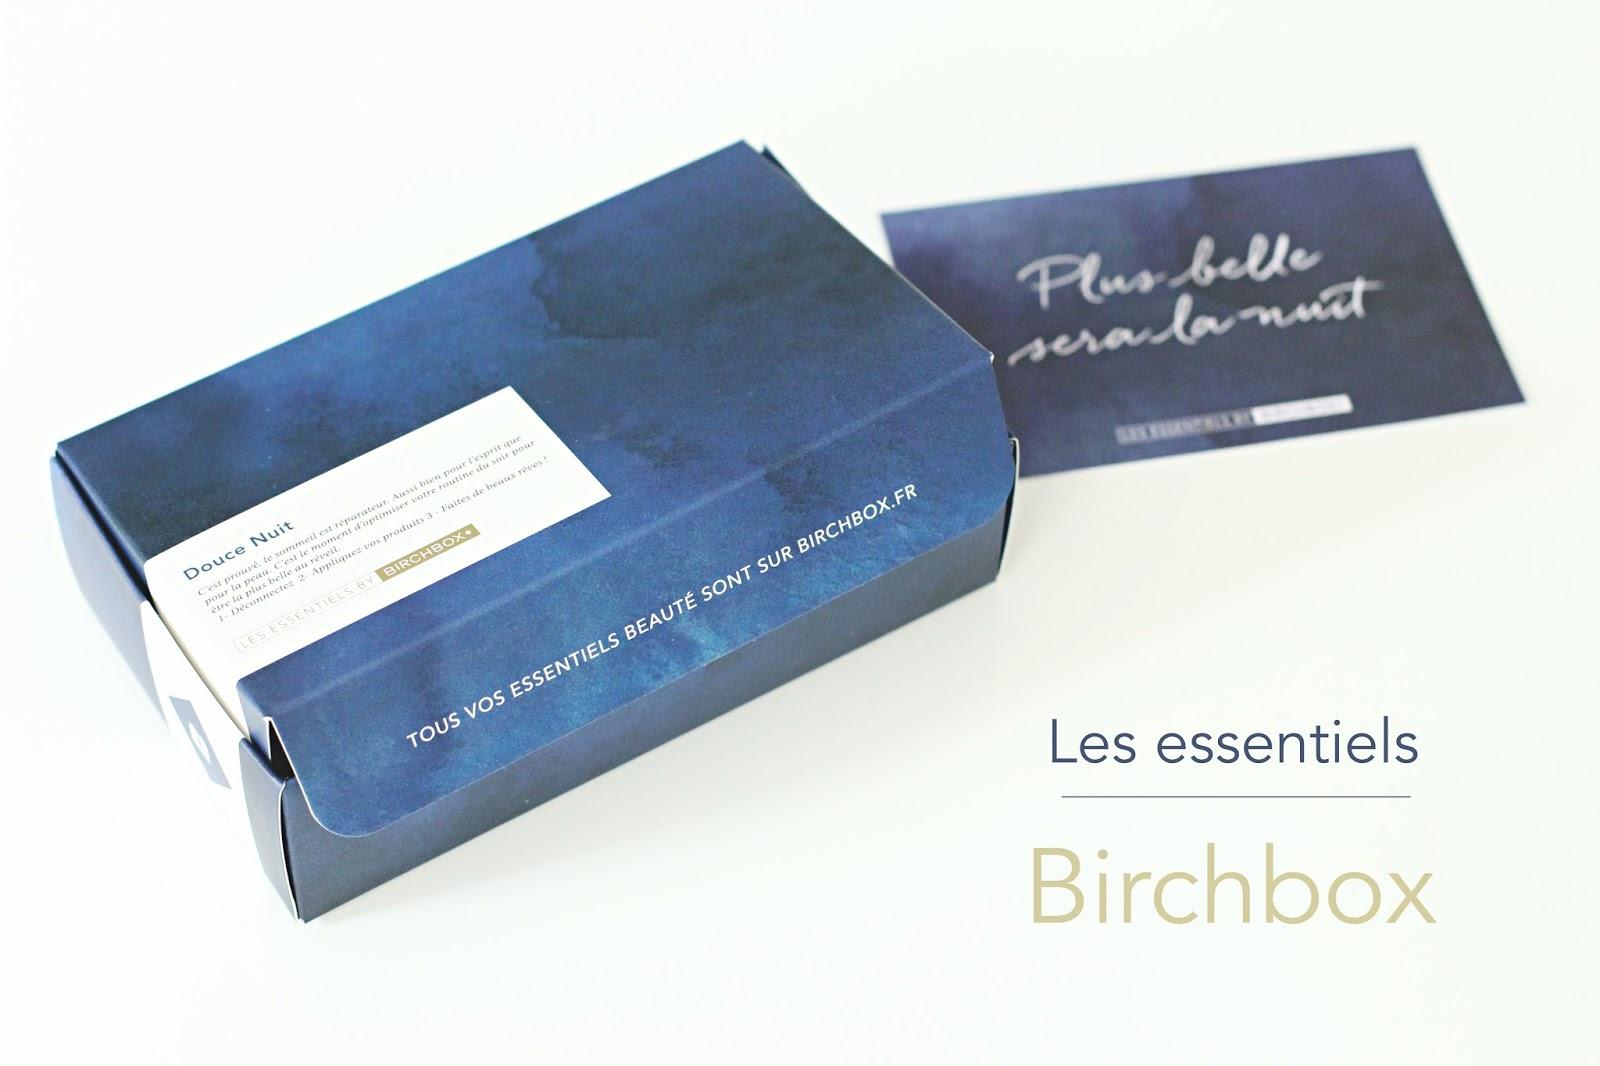 les essentiels by birchbox douce nuit